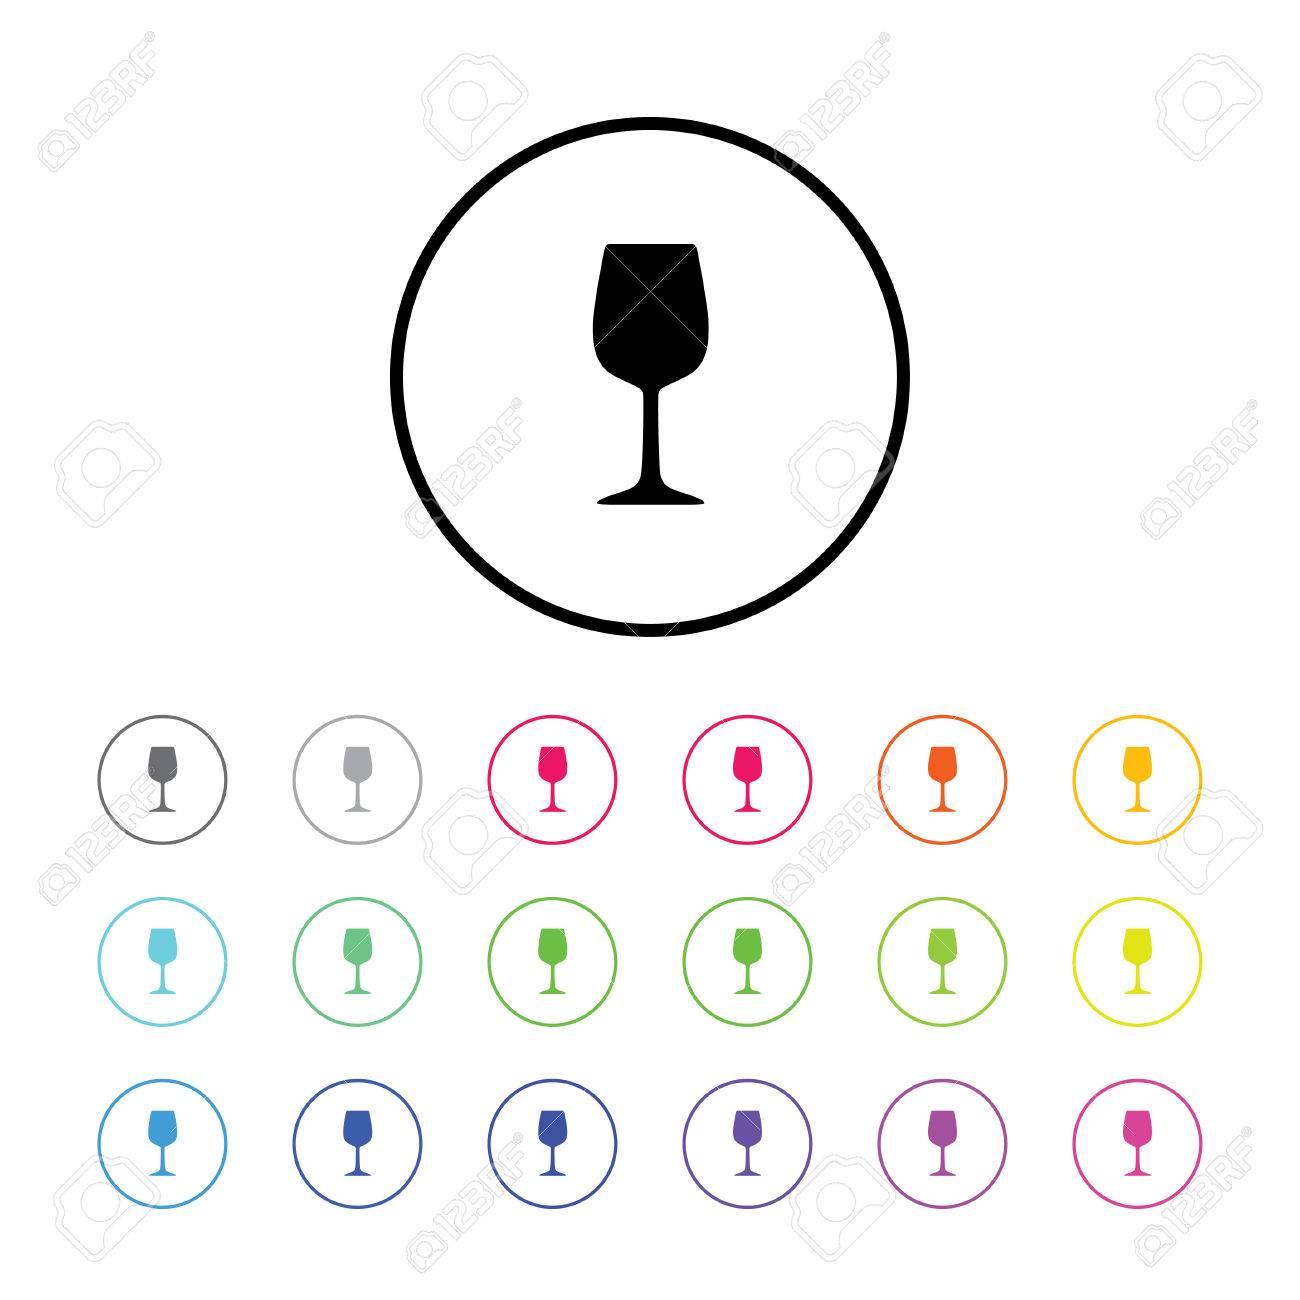 アイコン イラスト 18 カラー バリエーション ワイングラスしますの